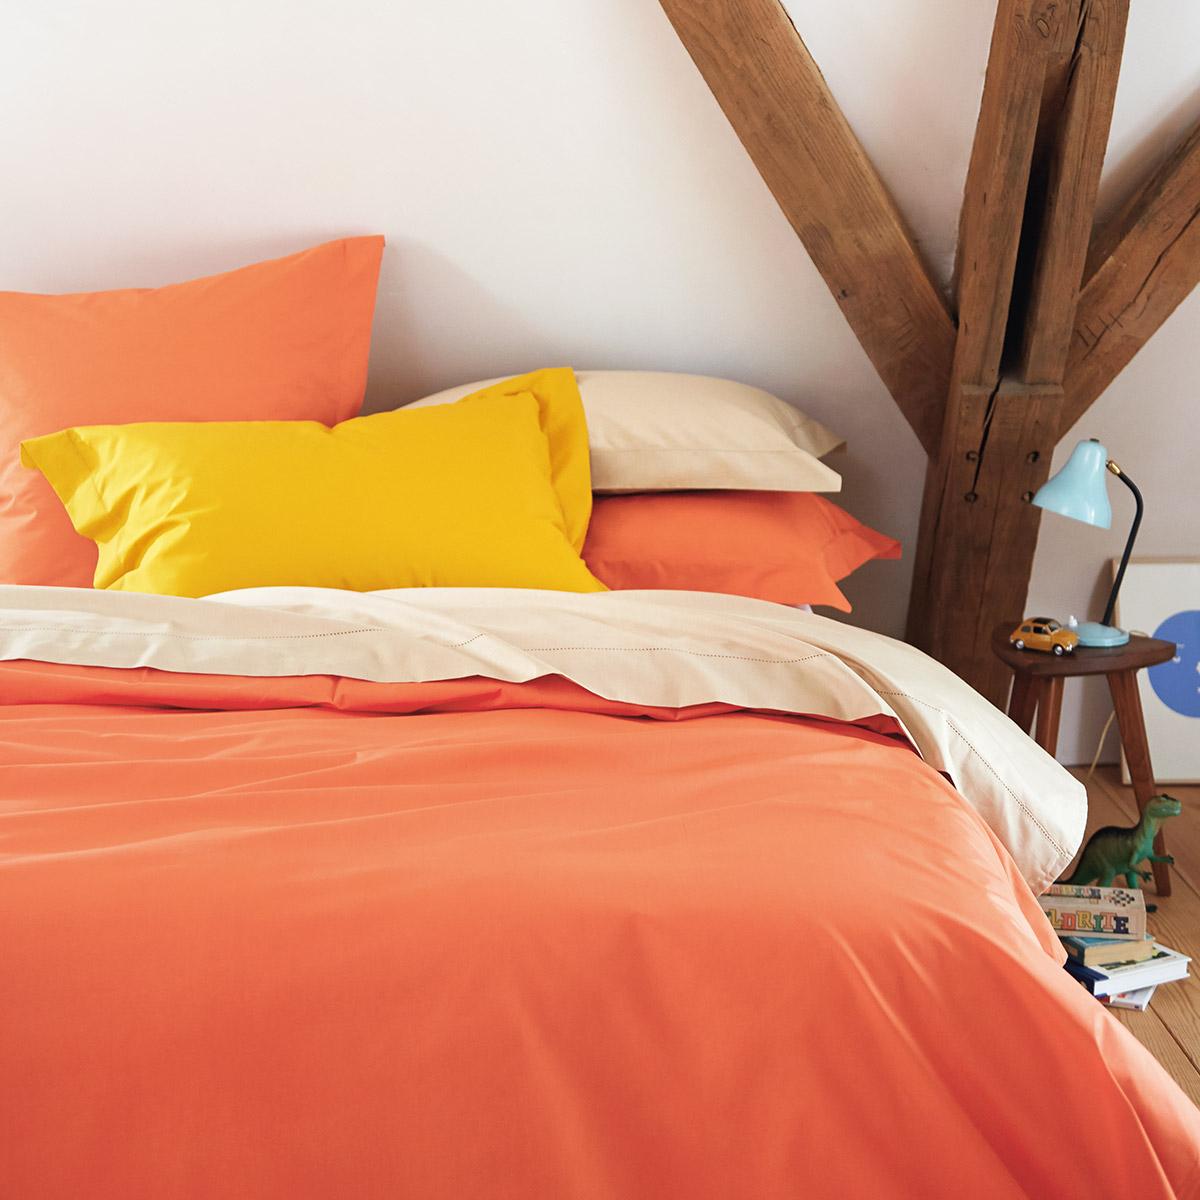 Housse de couette percale Orange 260 x 240 cm